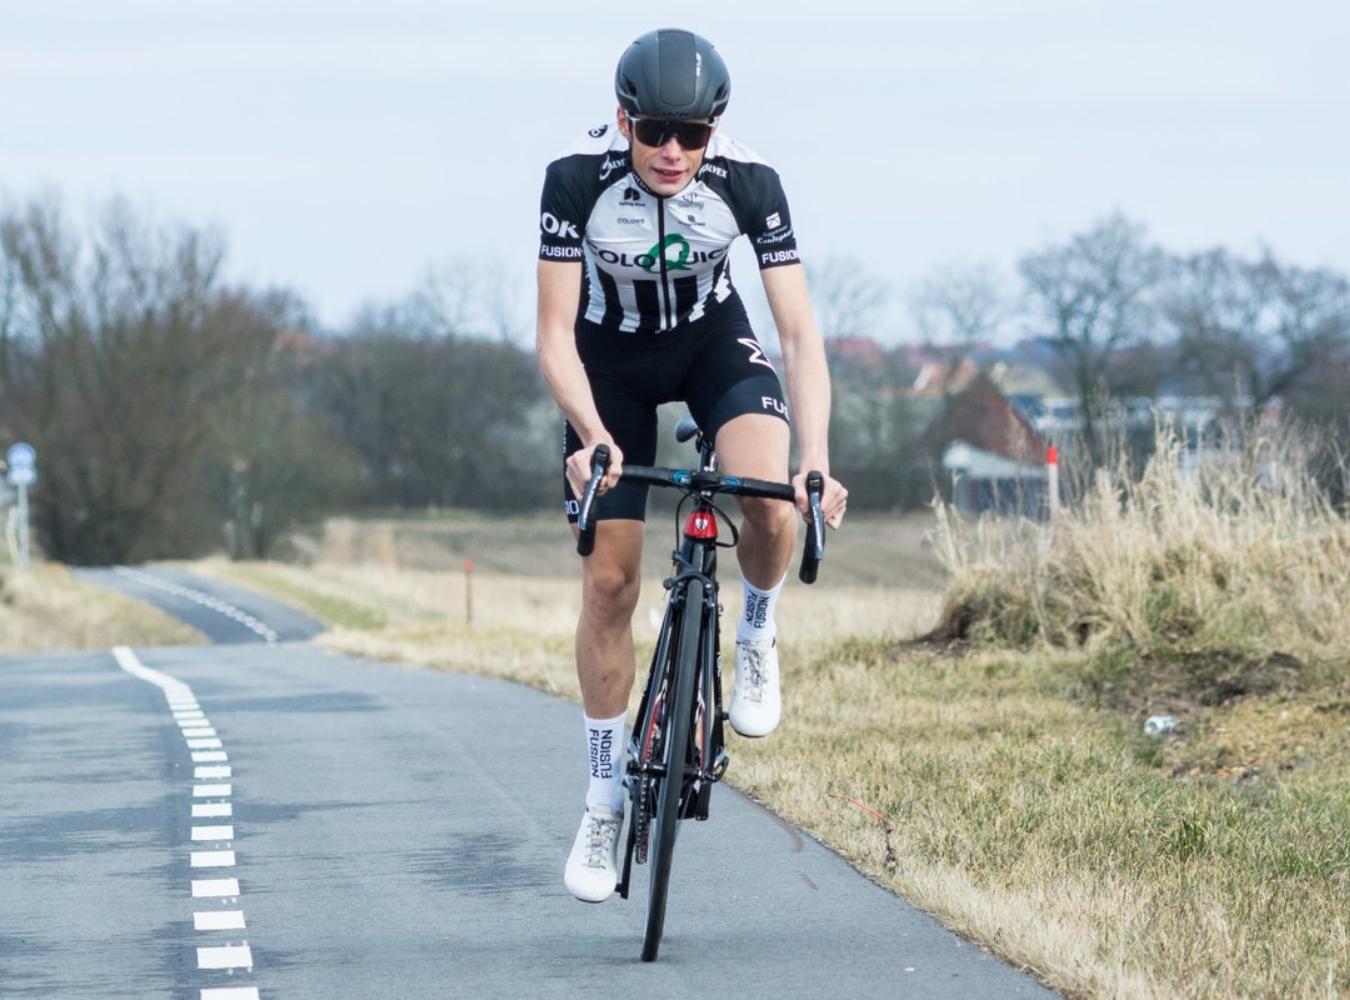 El holandés de 21 años Jonas Vingegaard ha fichado por el LottoNL-Jumbo por dos temporadas, según anunció el propio equipo.